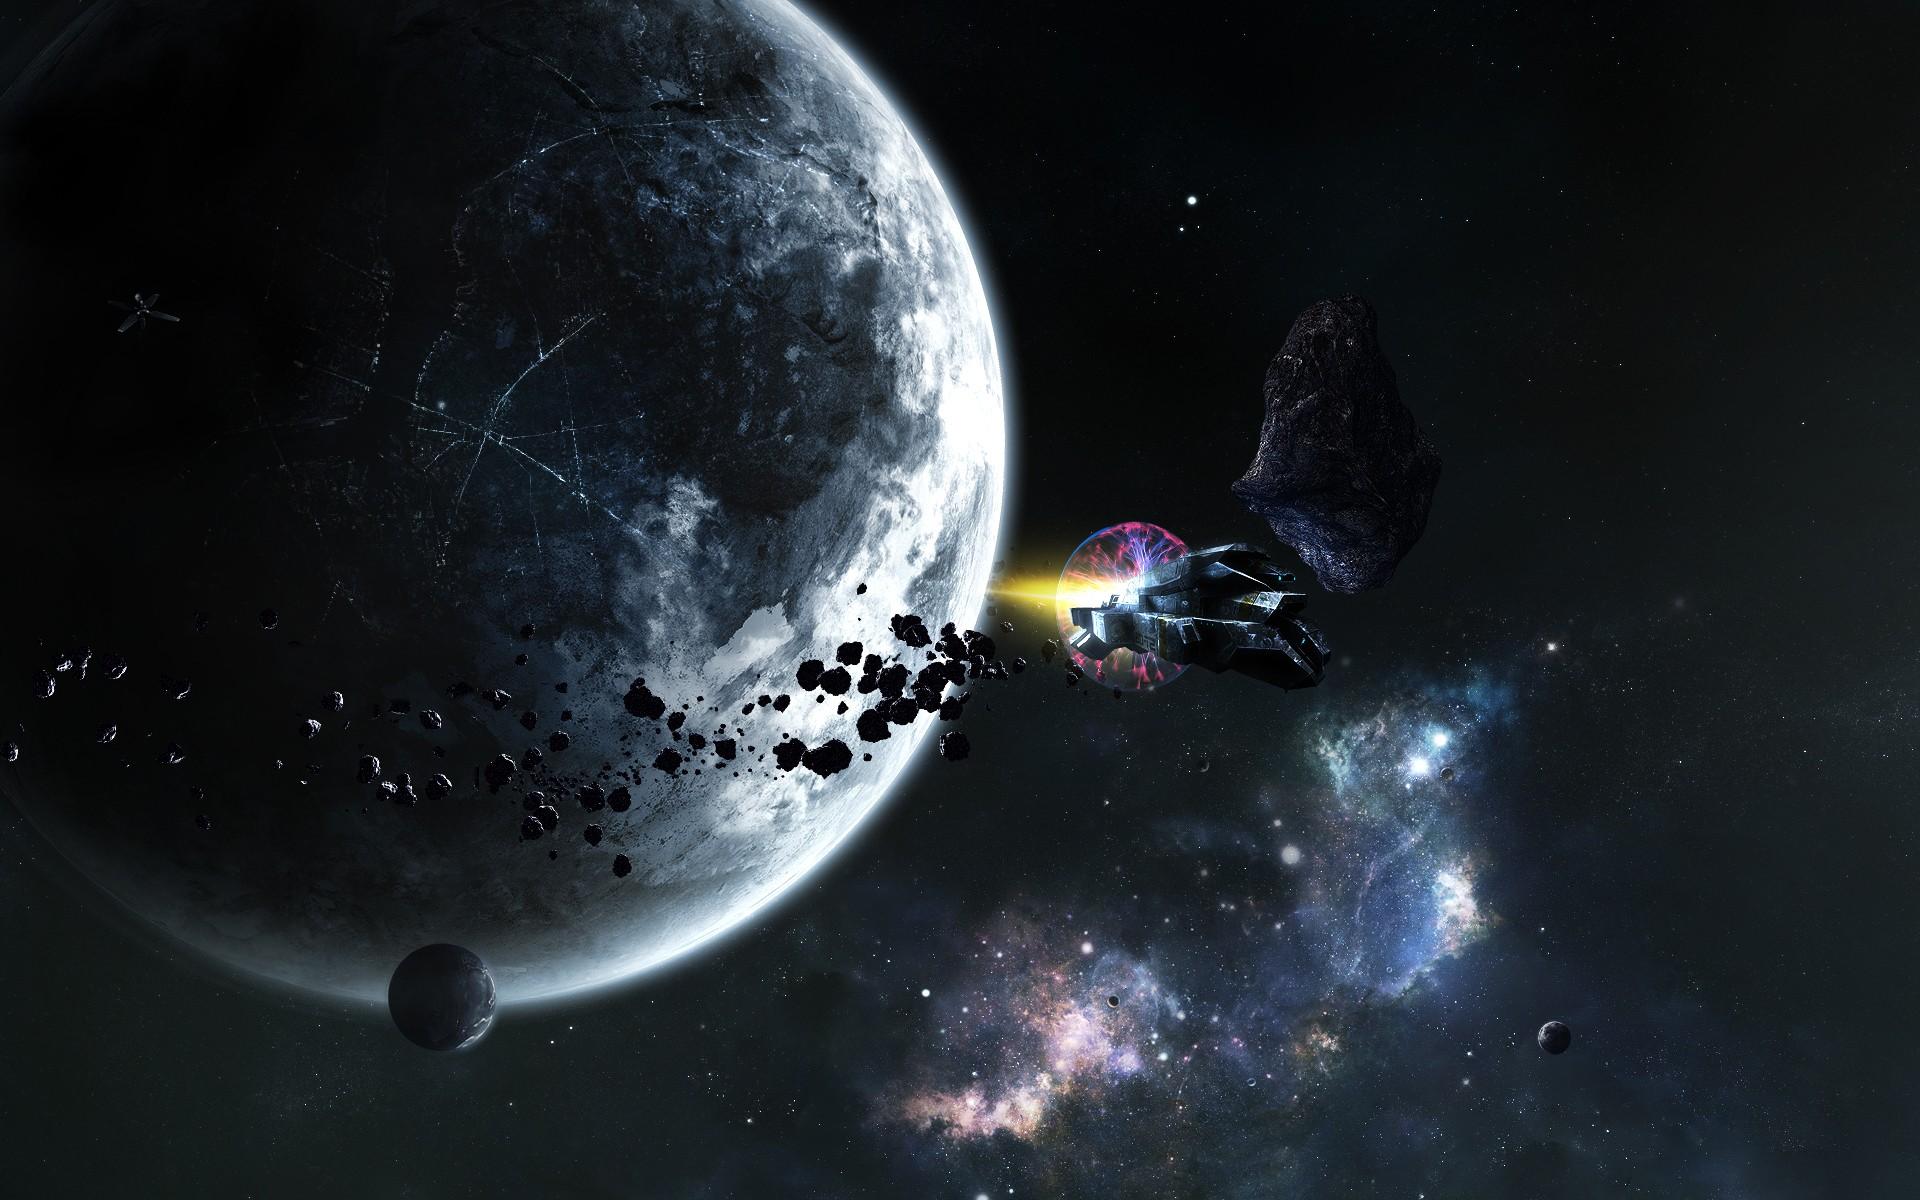 Обои планета космос орбита картинки на рабочий стол на тему Космос - скачать  № 1756989 без смс